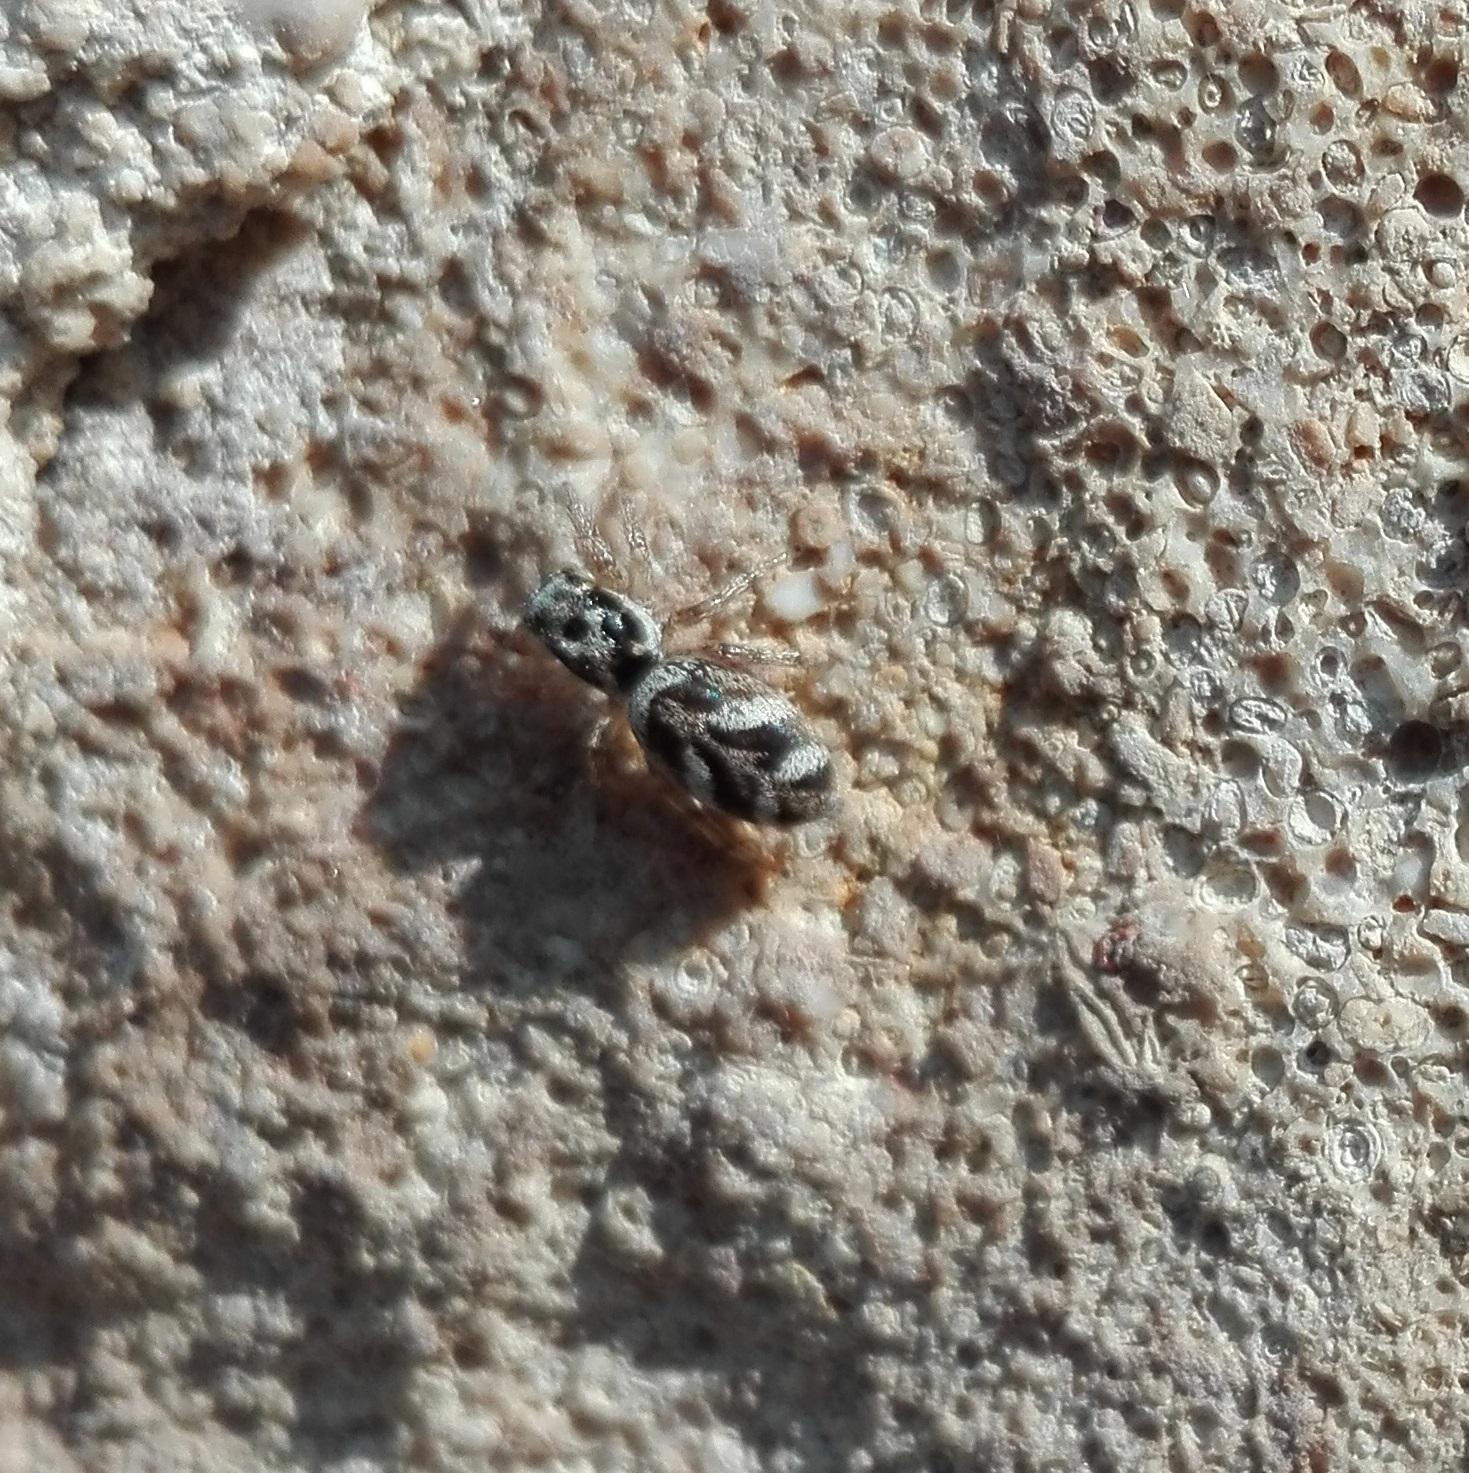 #460 Zebra Spider (Salticus scenicus)